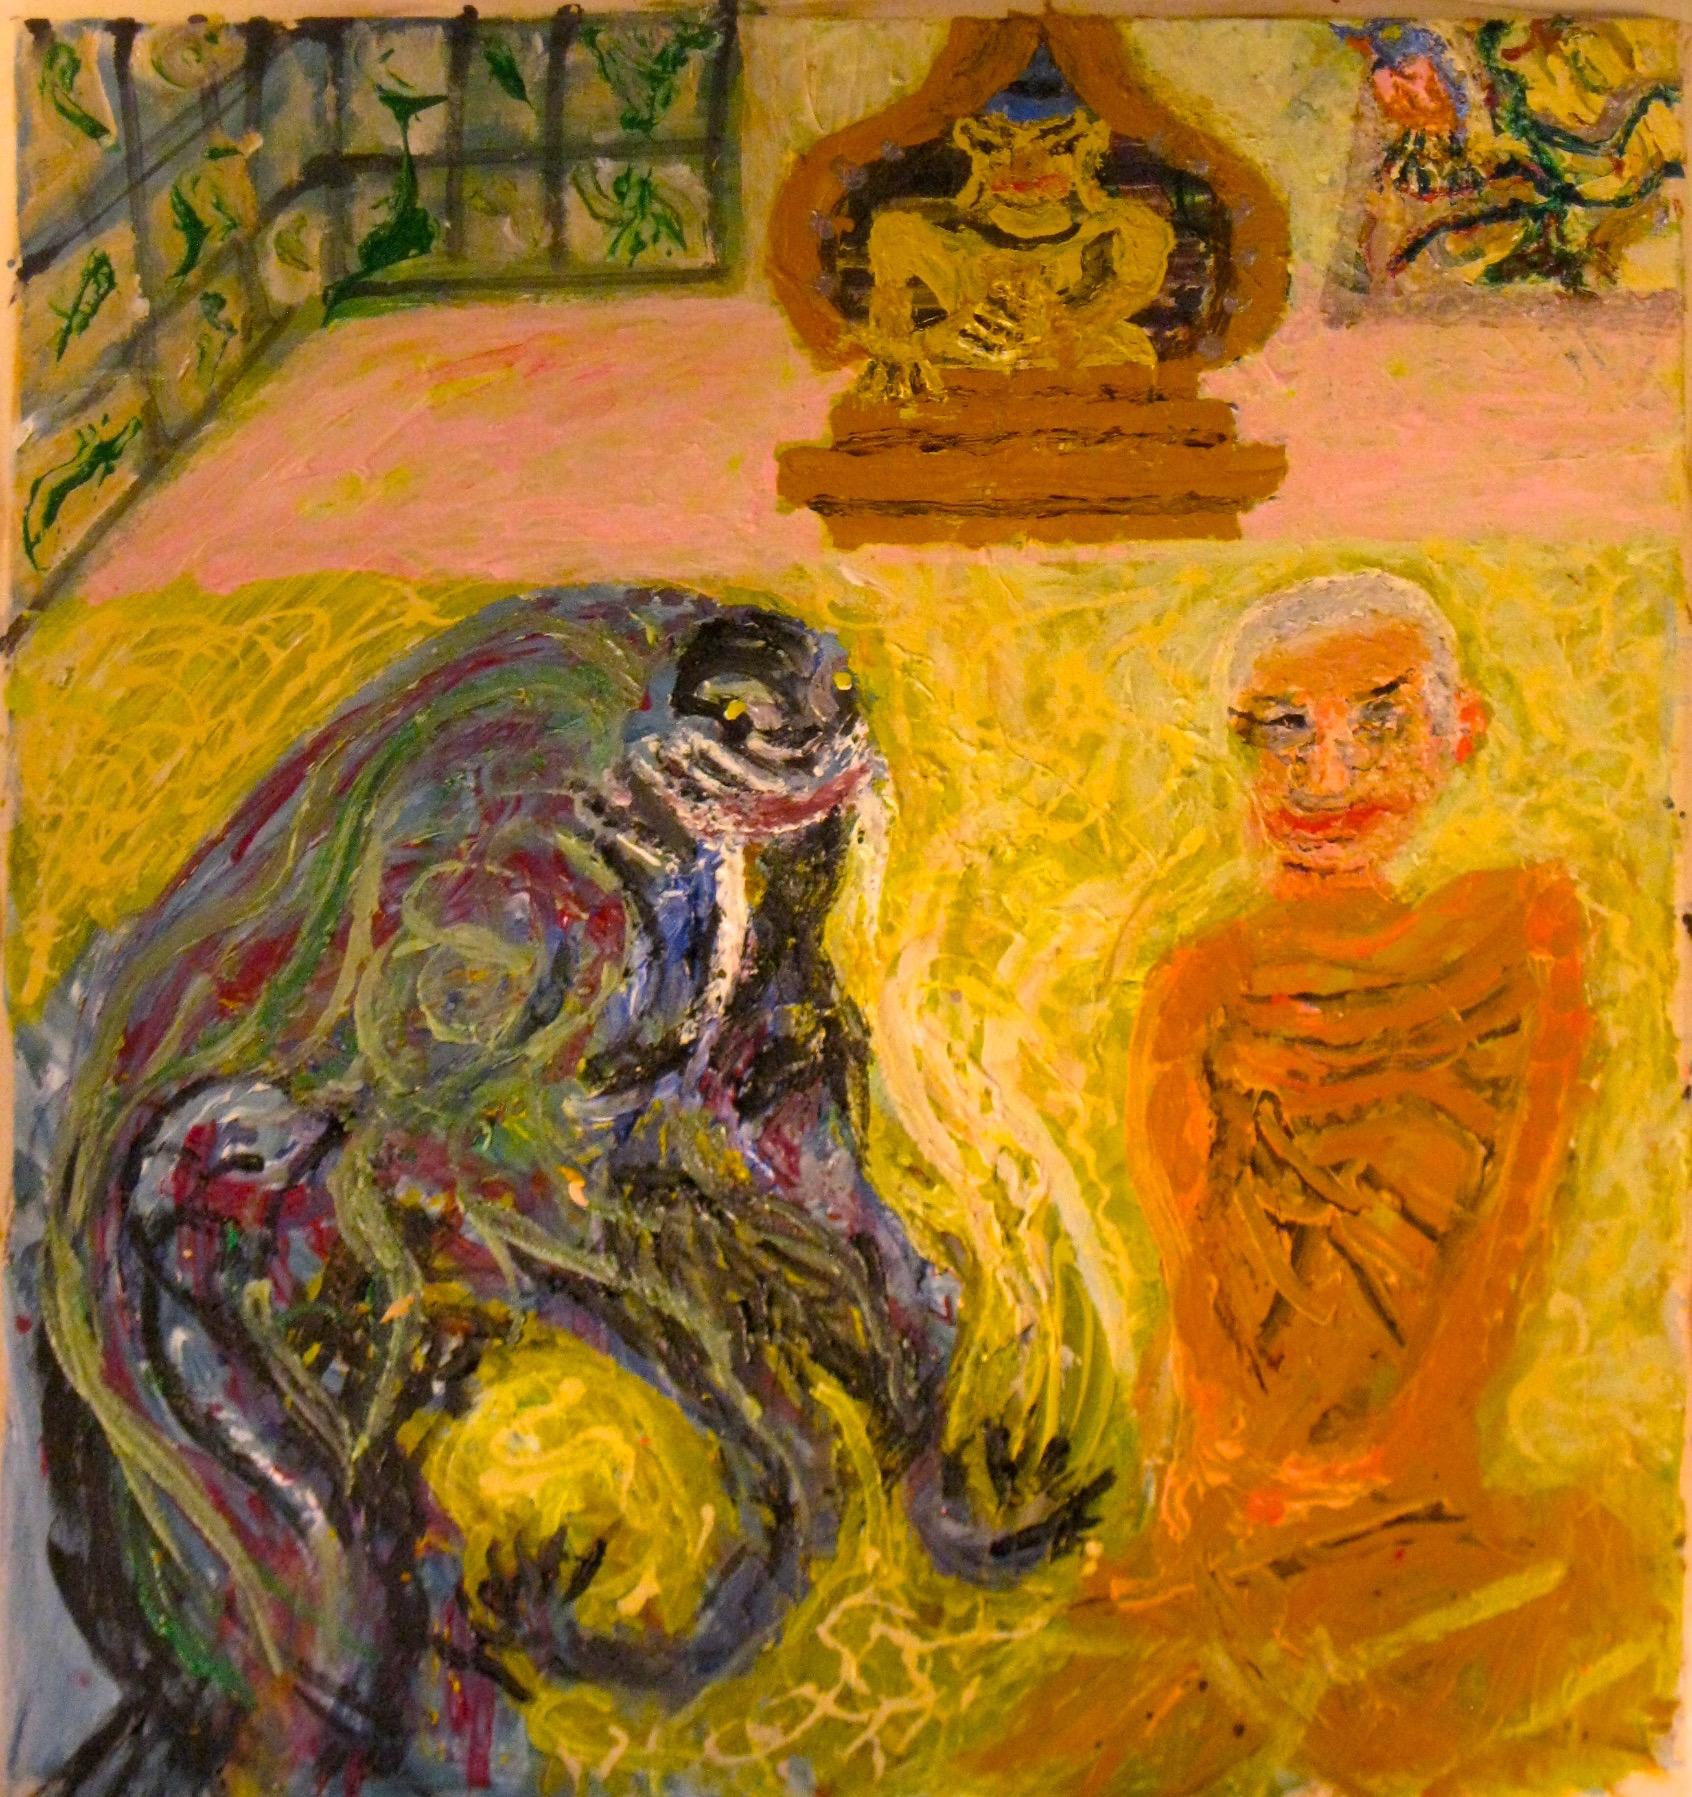 Schiller, Joel - The Walrus and the Zen Master